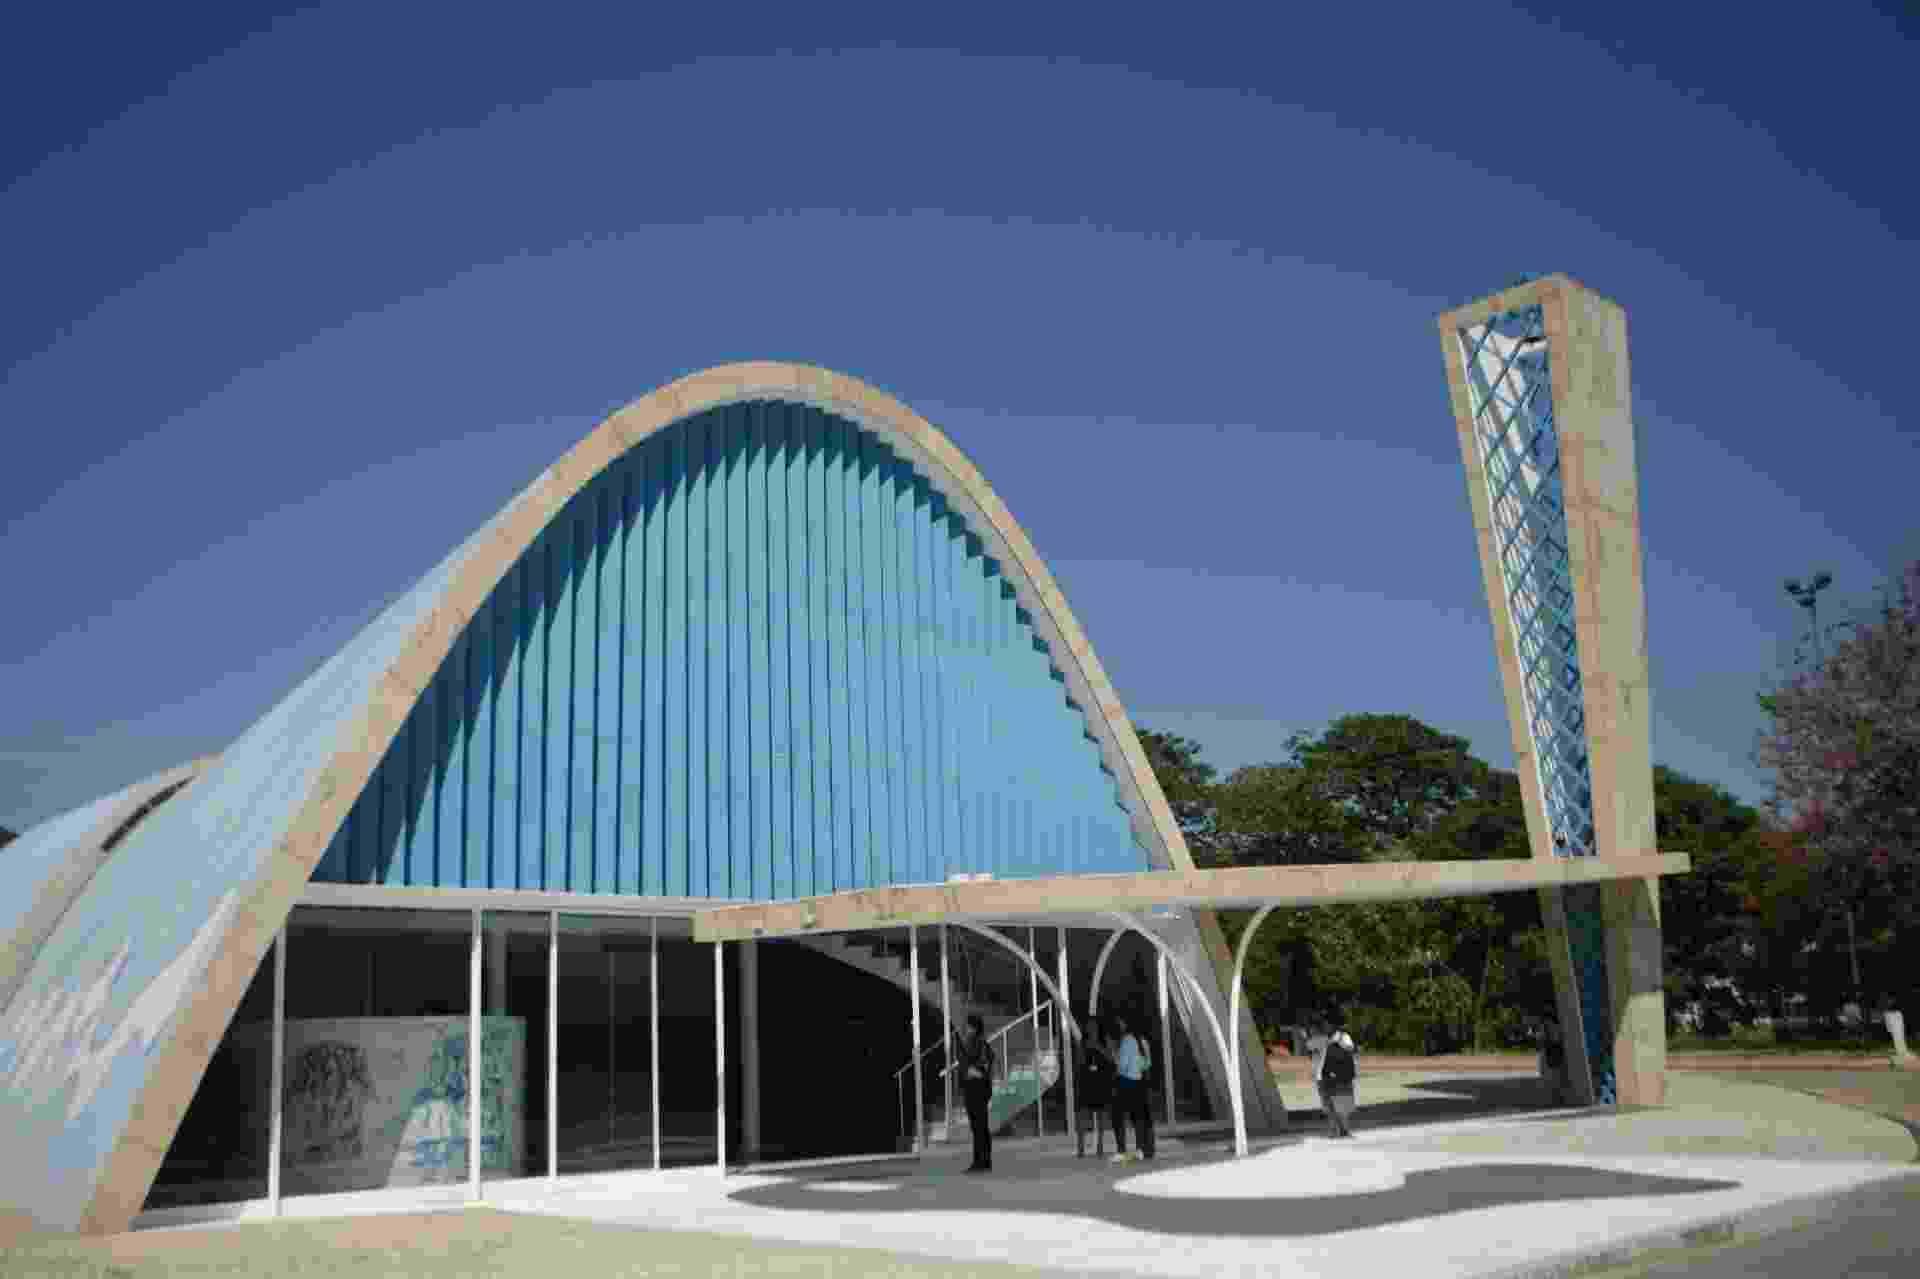 A Igreja de São Francisco de Assis, a Igrejinha da Pampulha, que faz parte do  projetada pelo arquiteto Oscar Niemeyer e concluída em 1945 - ALEX DE JESUS/O TEMPO/ESTADÃO CONTEÚDO